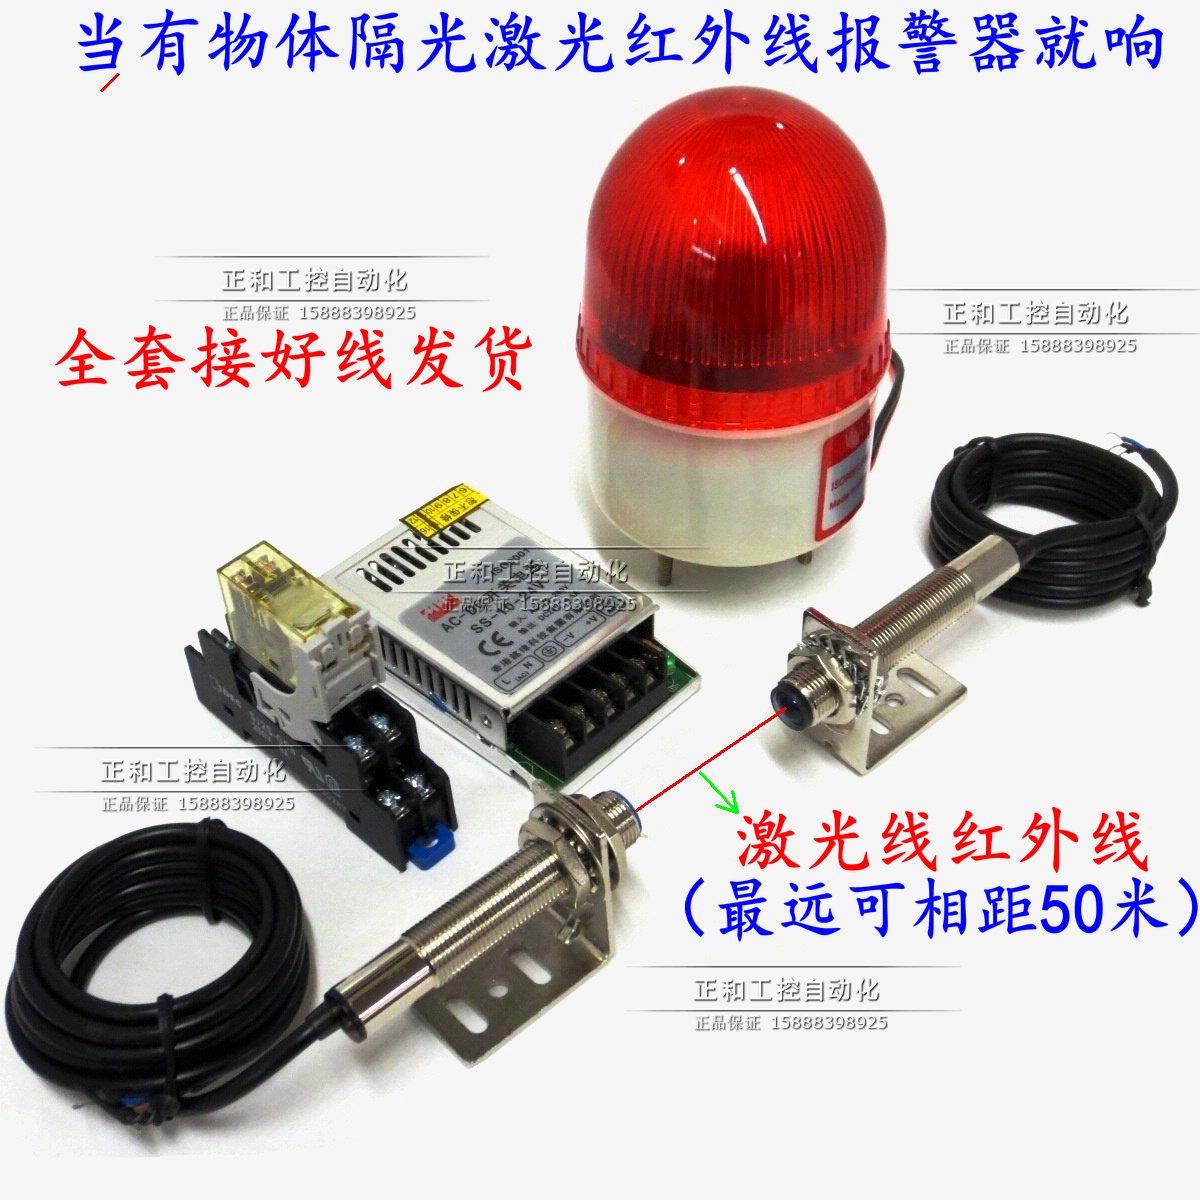 إنذار ضد السرقة على الليزر التبديل الكهربائية الأشعة تحت الحمراء في جسم الإنسان استشعار استشعار ليزر على خط النار